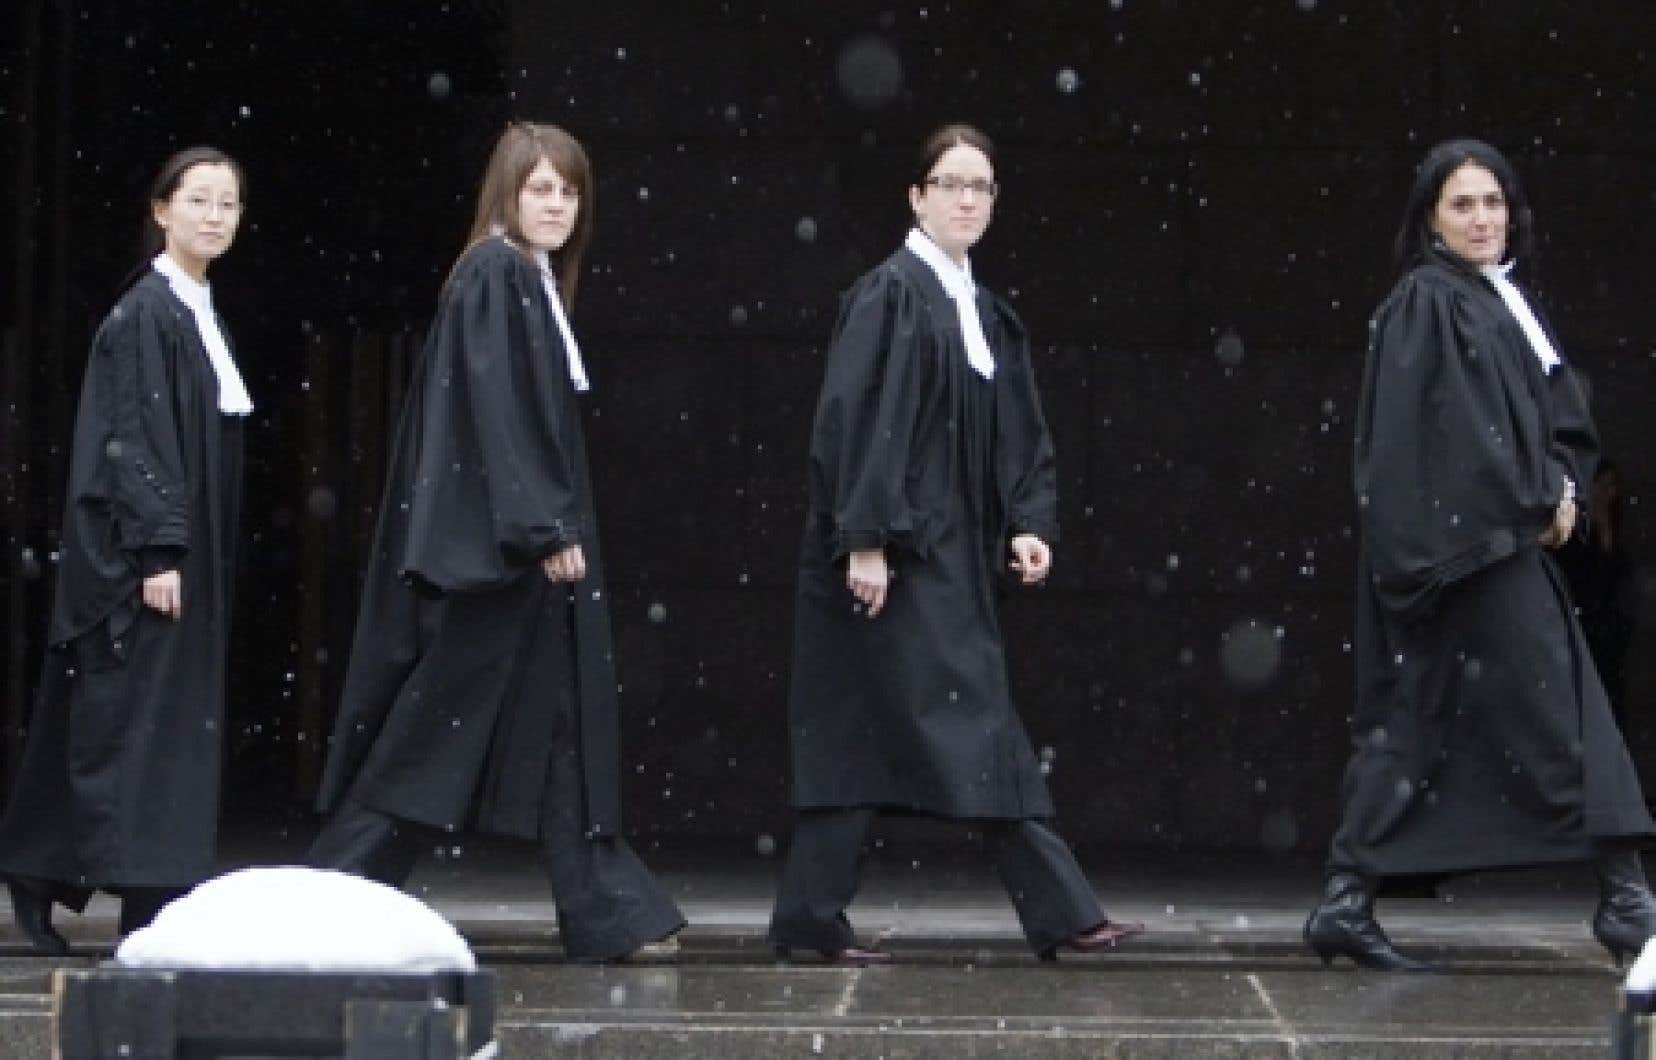 Les procureurs de la Couronne crient à l'«intimidation pour que les procureurs rentrent au bercail sous la menace d'une loi spéciale». <br />